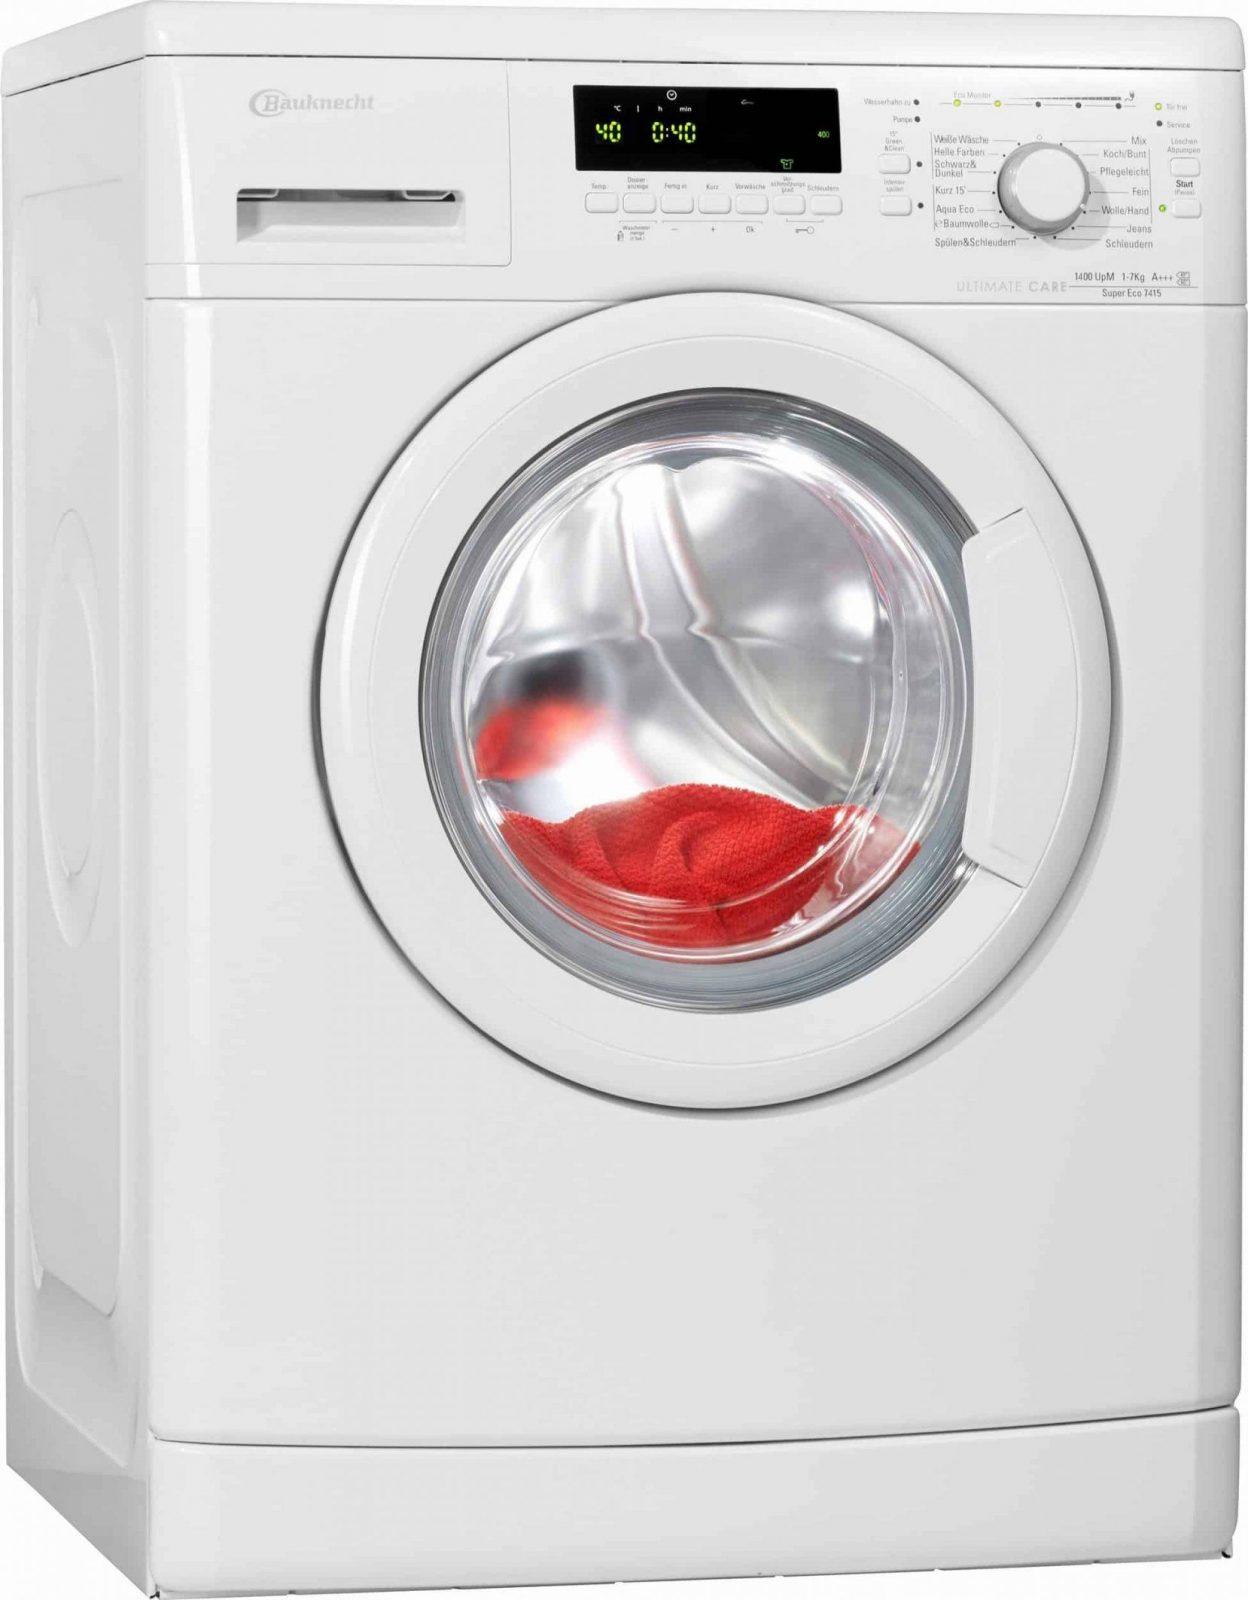 Bauknecht Super Eco 7415 Waschmaschine Im Test 2018 von Waschmaschine Bauknecht Super Eco 7415 Photo